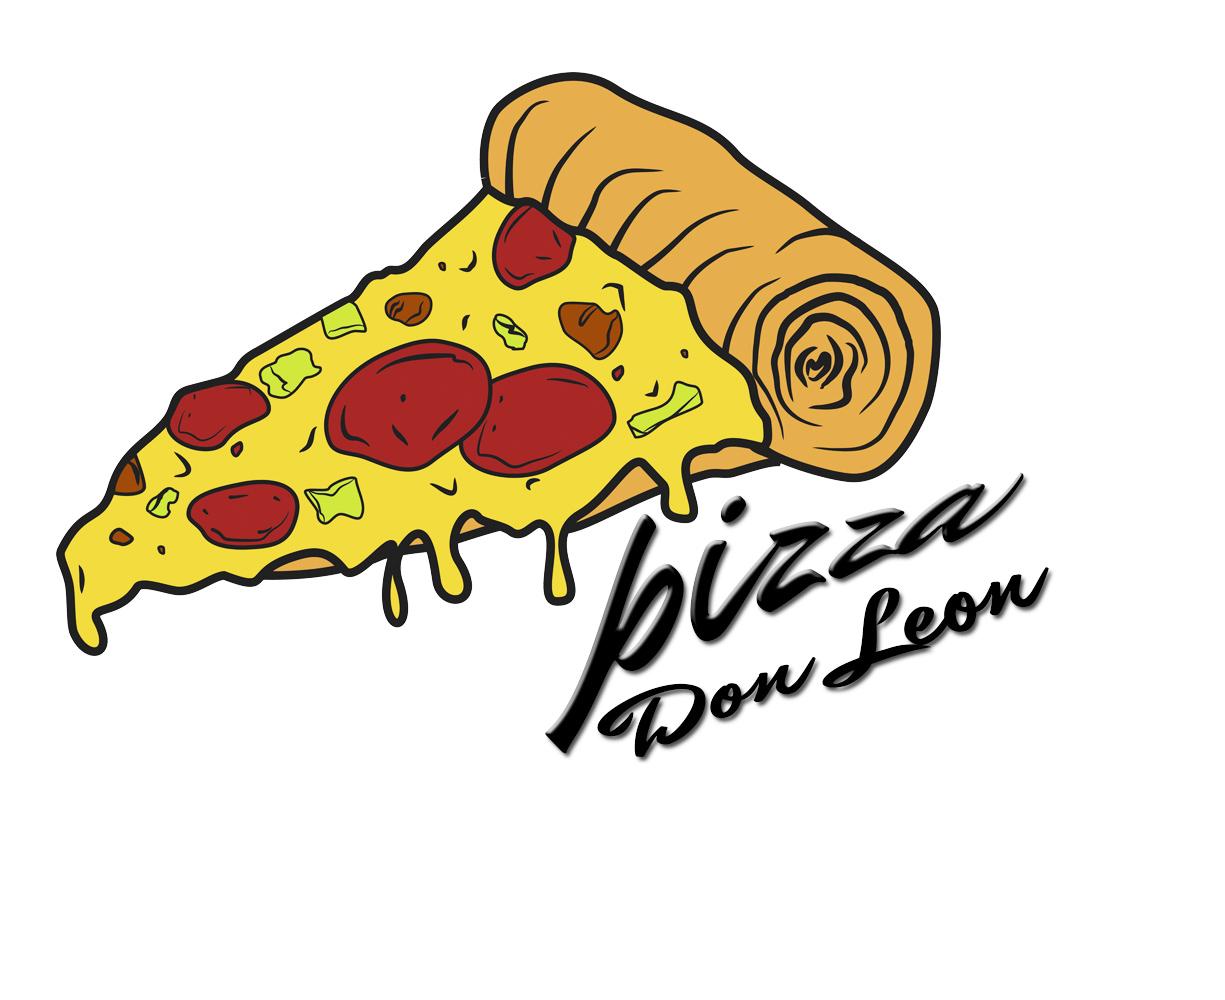 простой способ пицца фирменный знак картинки было множество, месте